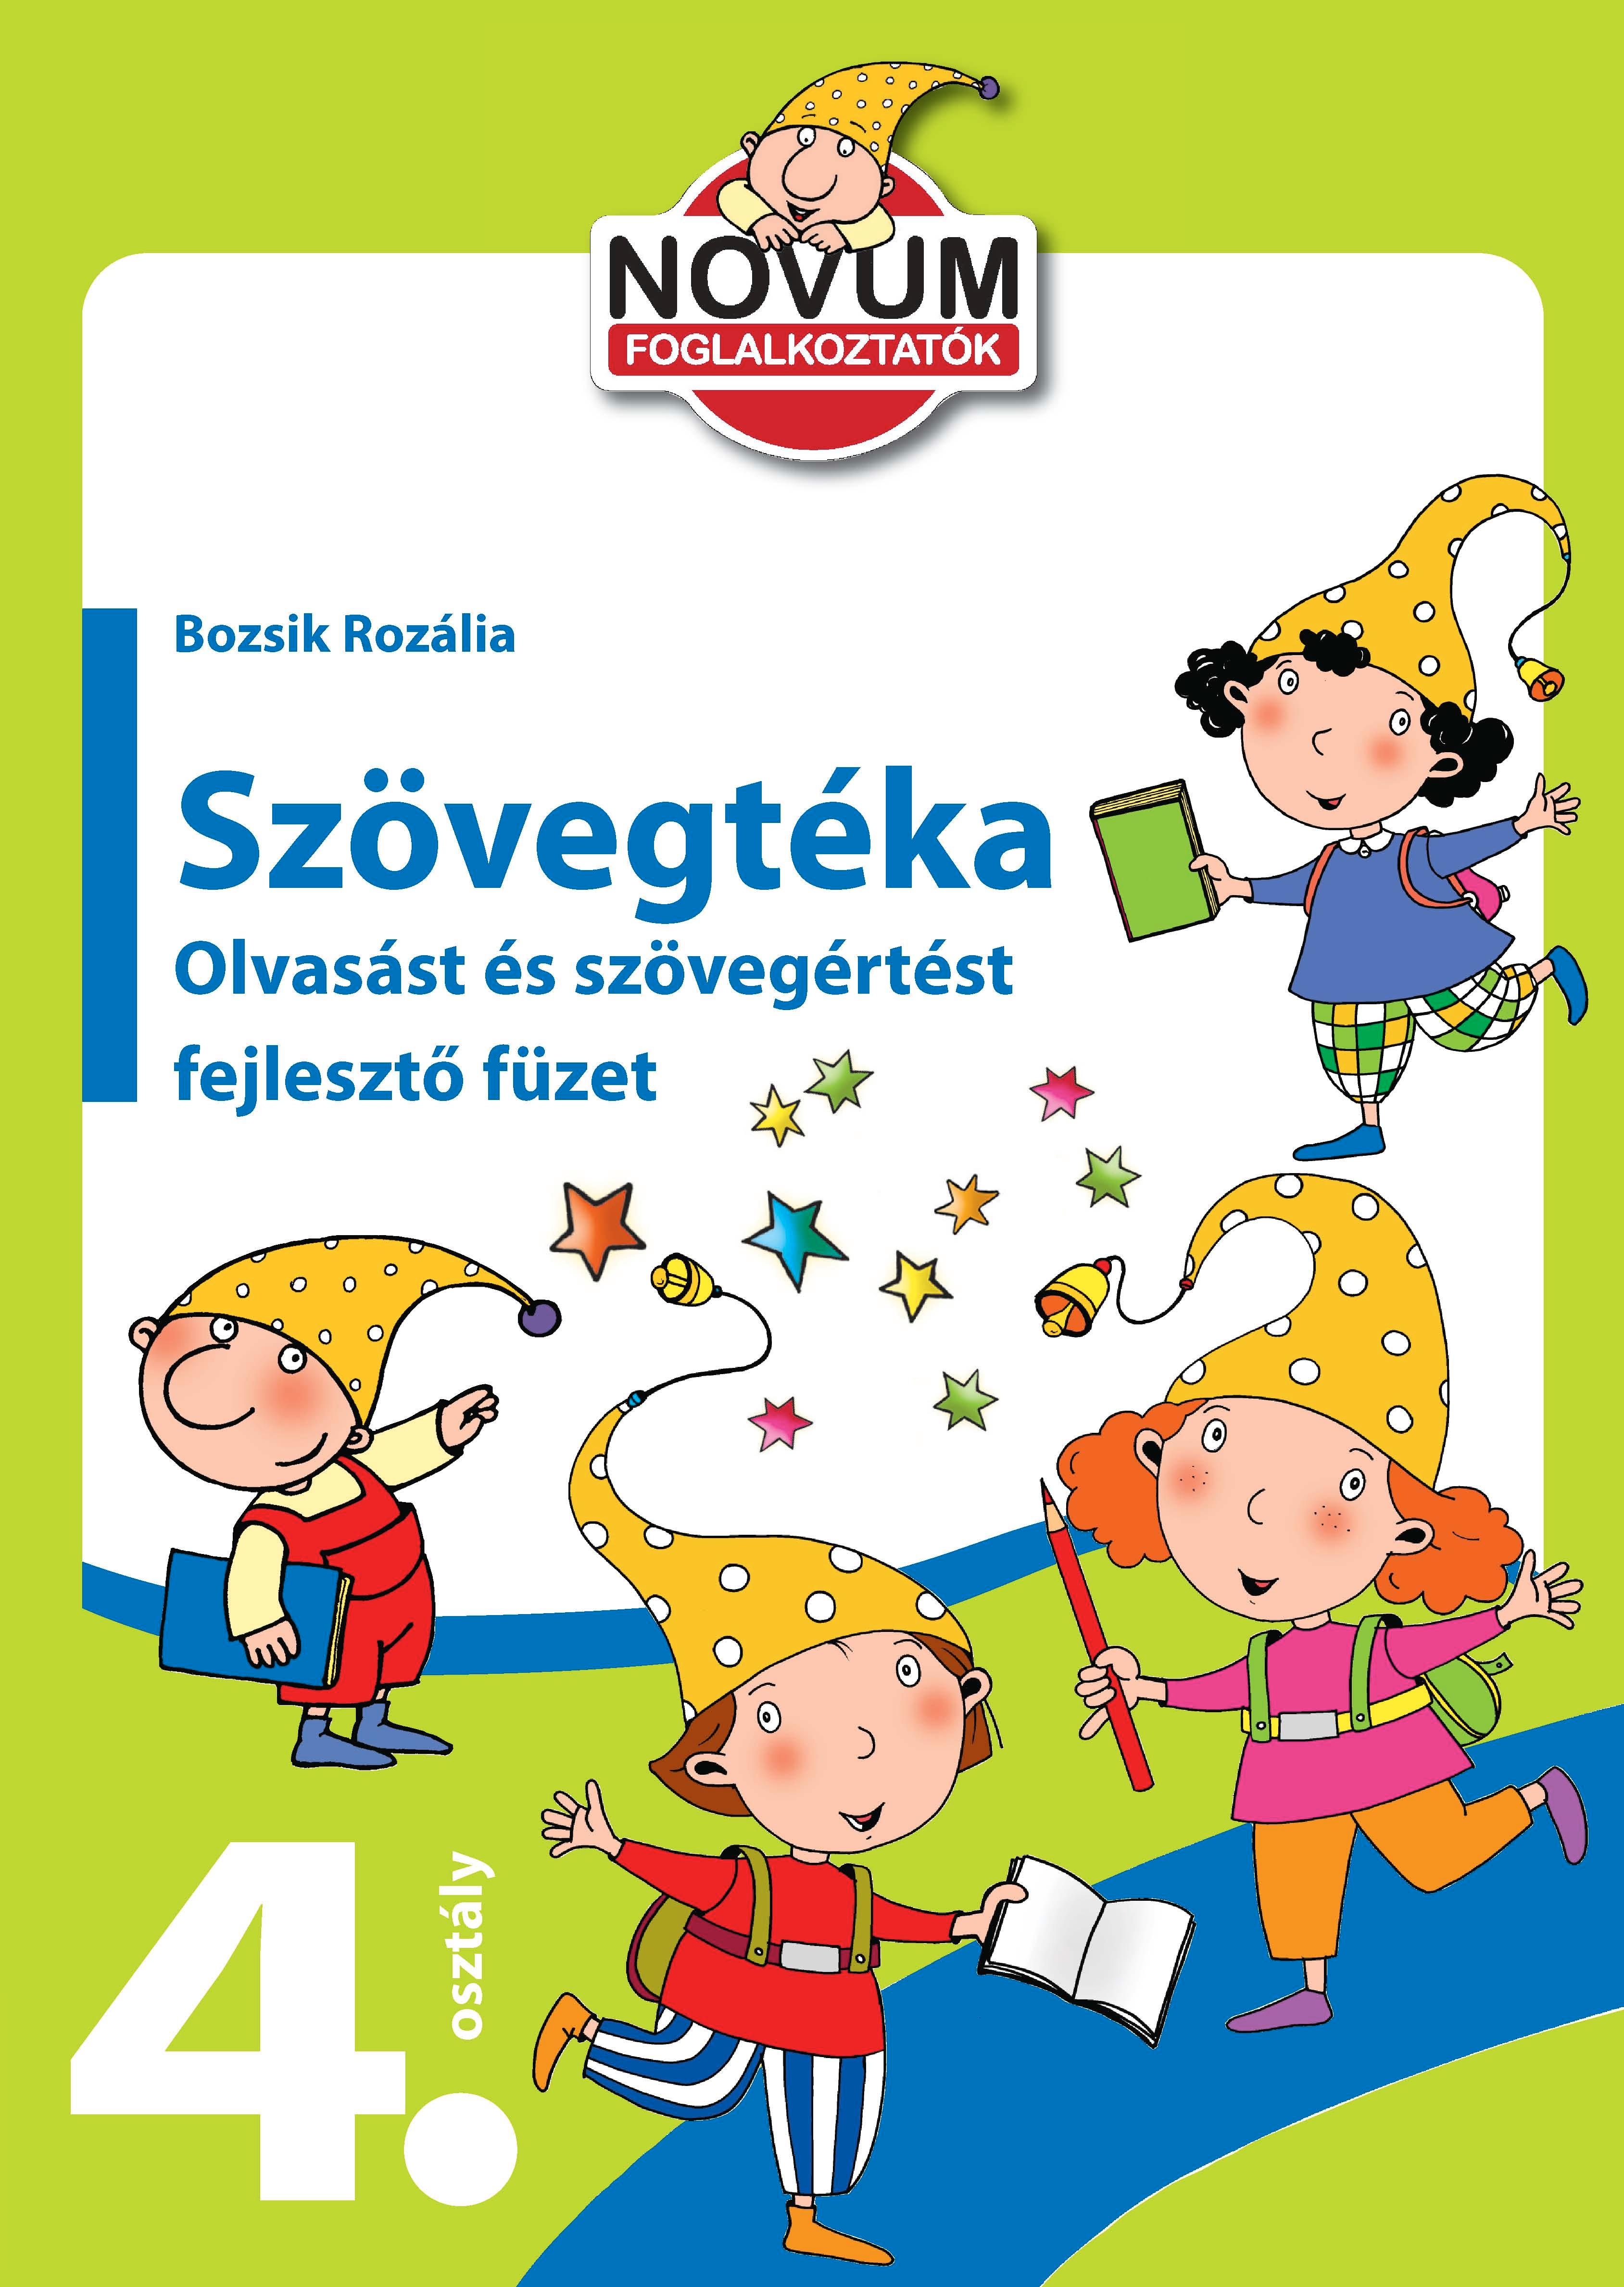 SZÖVEGTÉKA - OLVASÁST ÉS SZÖVEGÉRTÉST FEJLESZTŐ FÜZET 4. OSZTÁLY